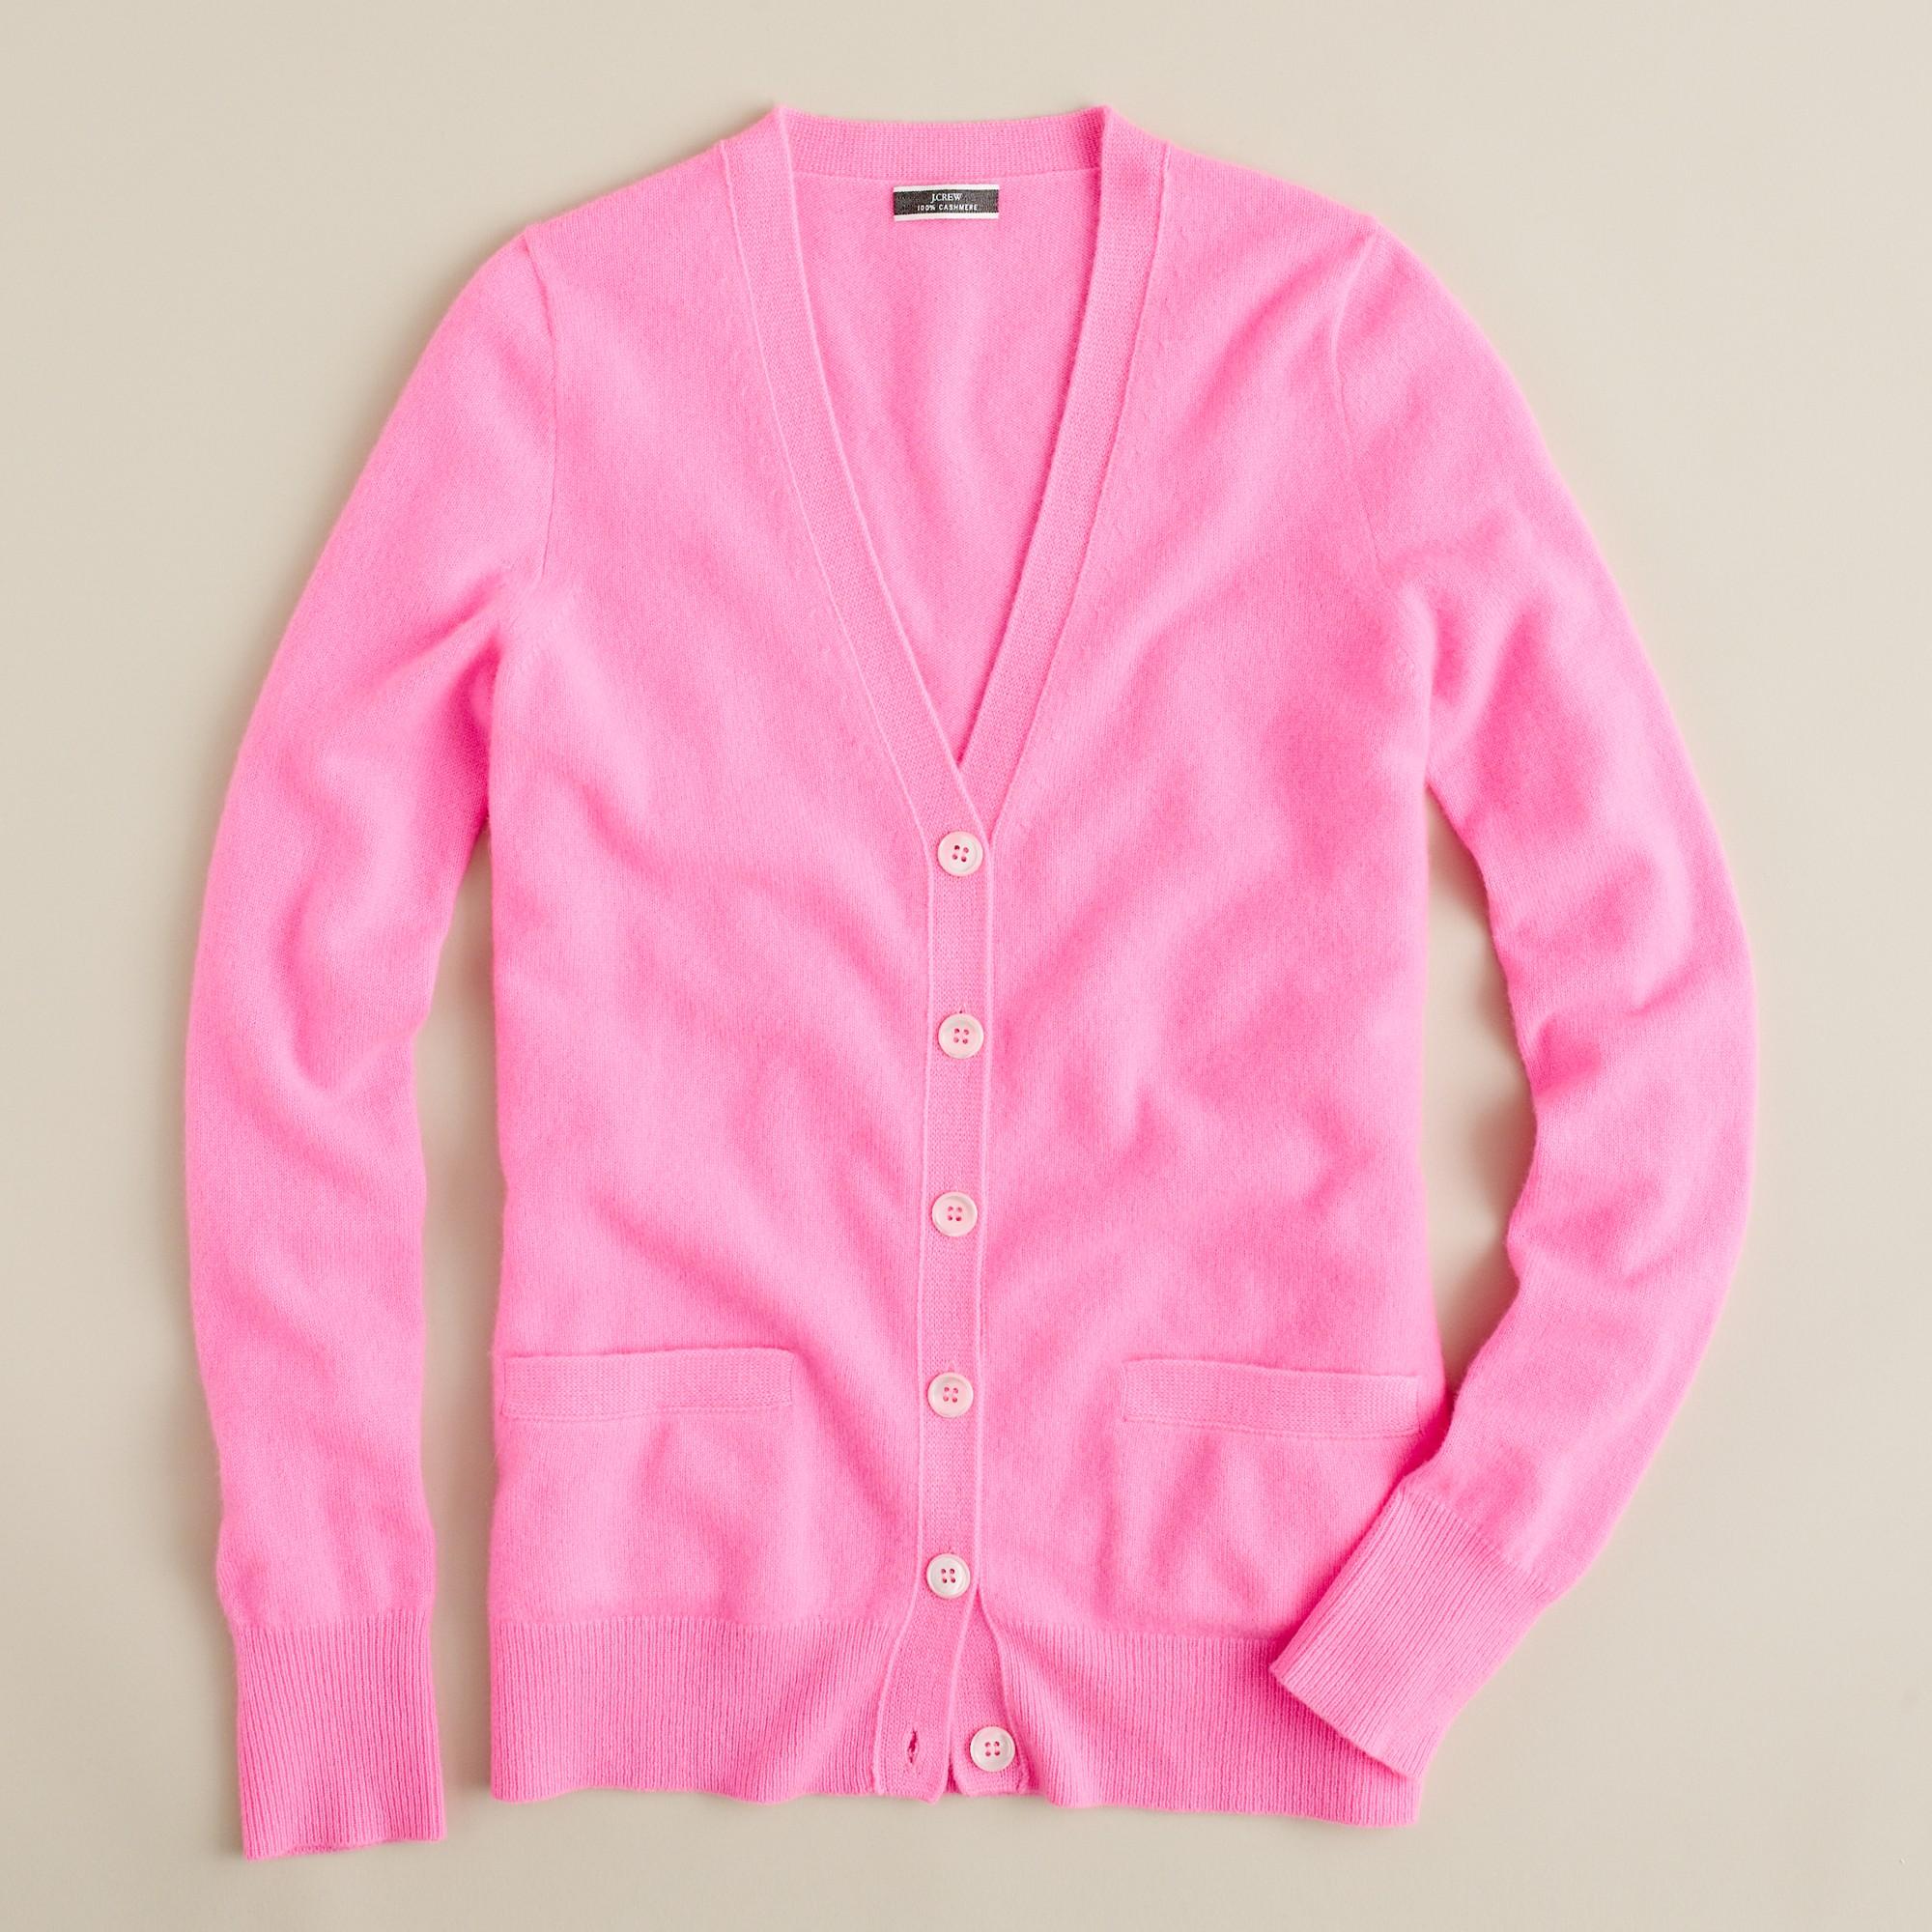 J.crew Cashmere Boyfriend Cardigan in Pink | Lyst